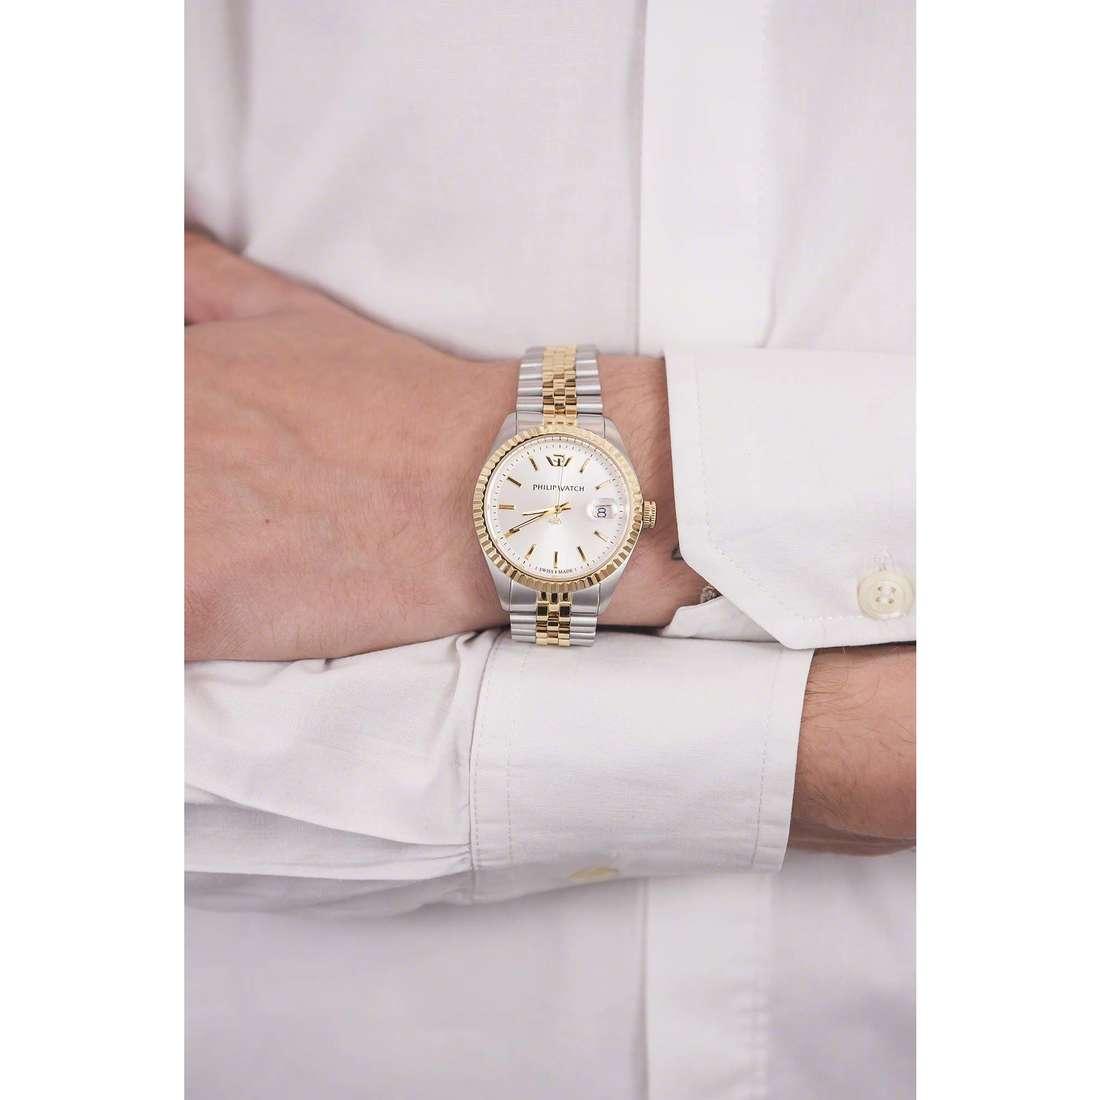 Philip Watch solo tempo Caribe uomo R8253107010 indosso